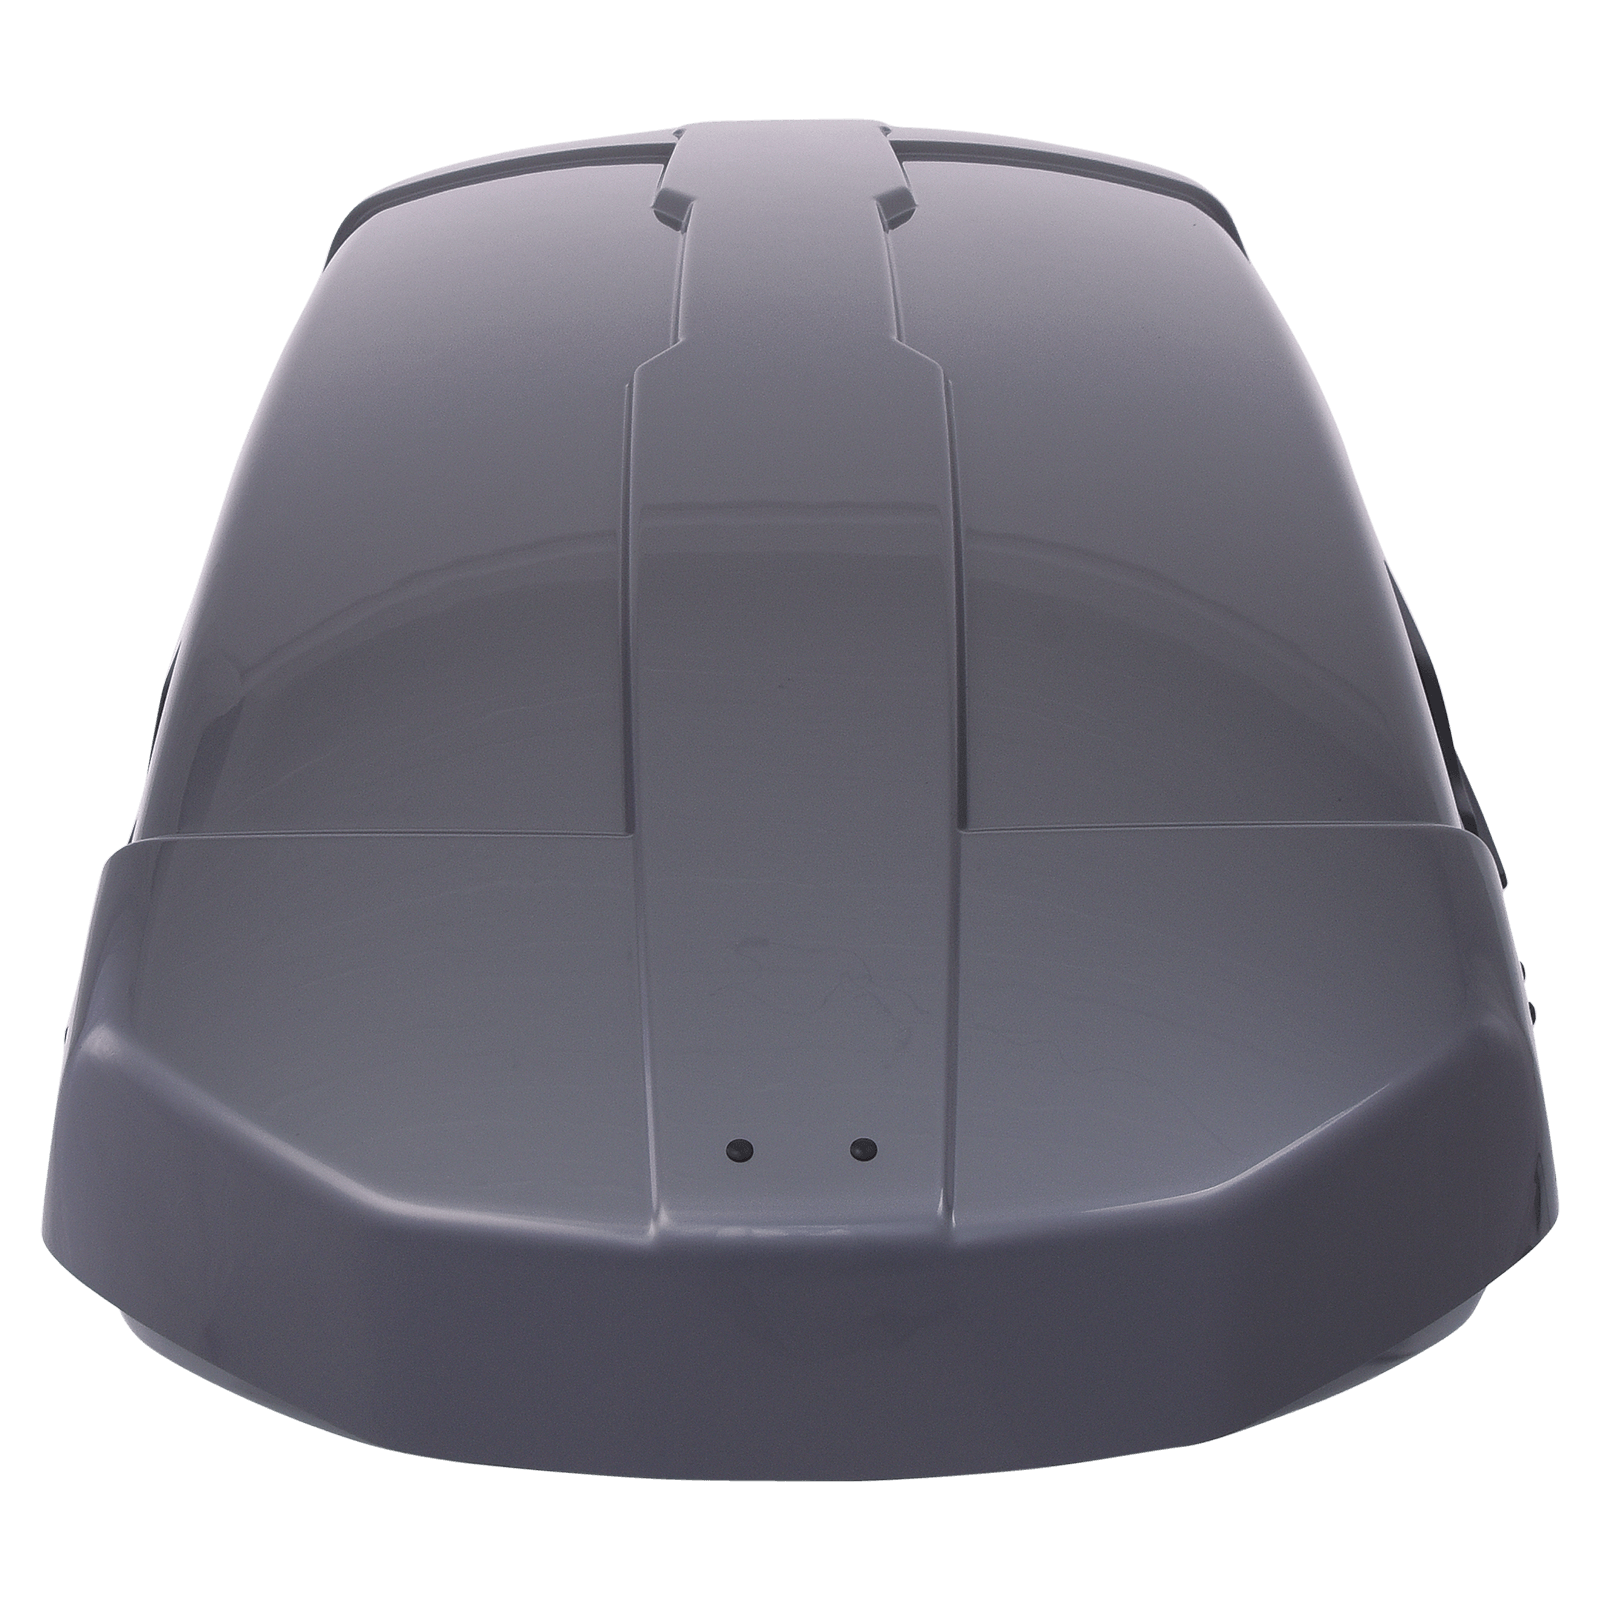 Dachbox Thule Motion XT L Titan Glossy - Bild 3